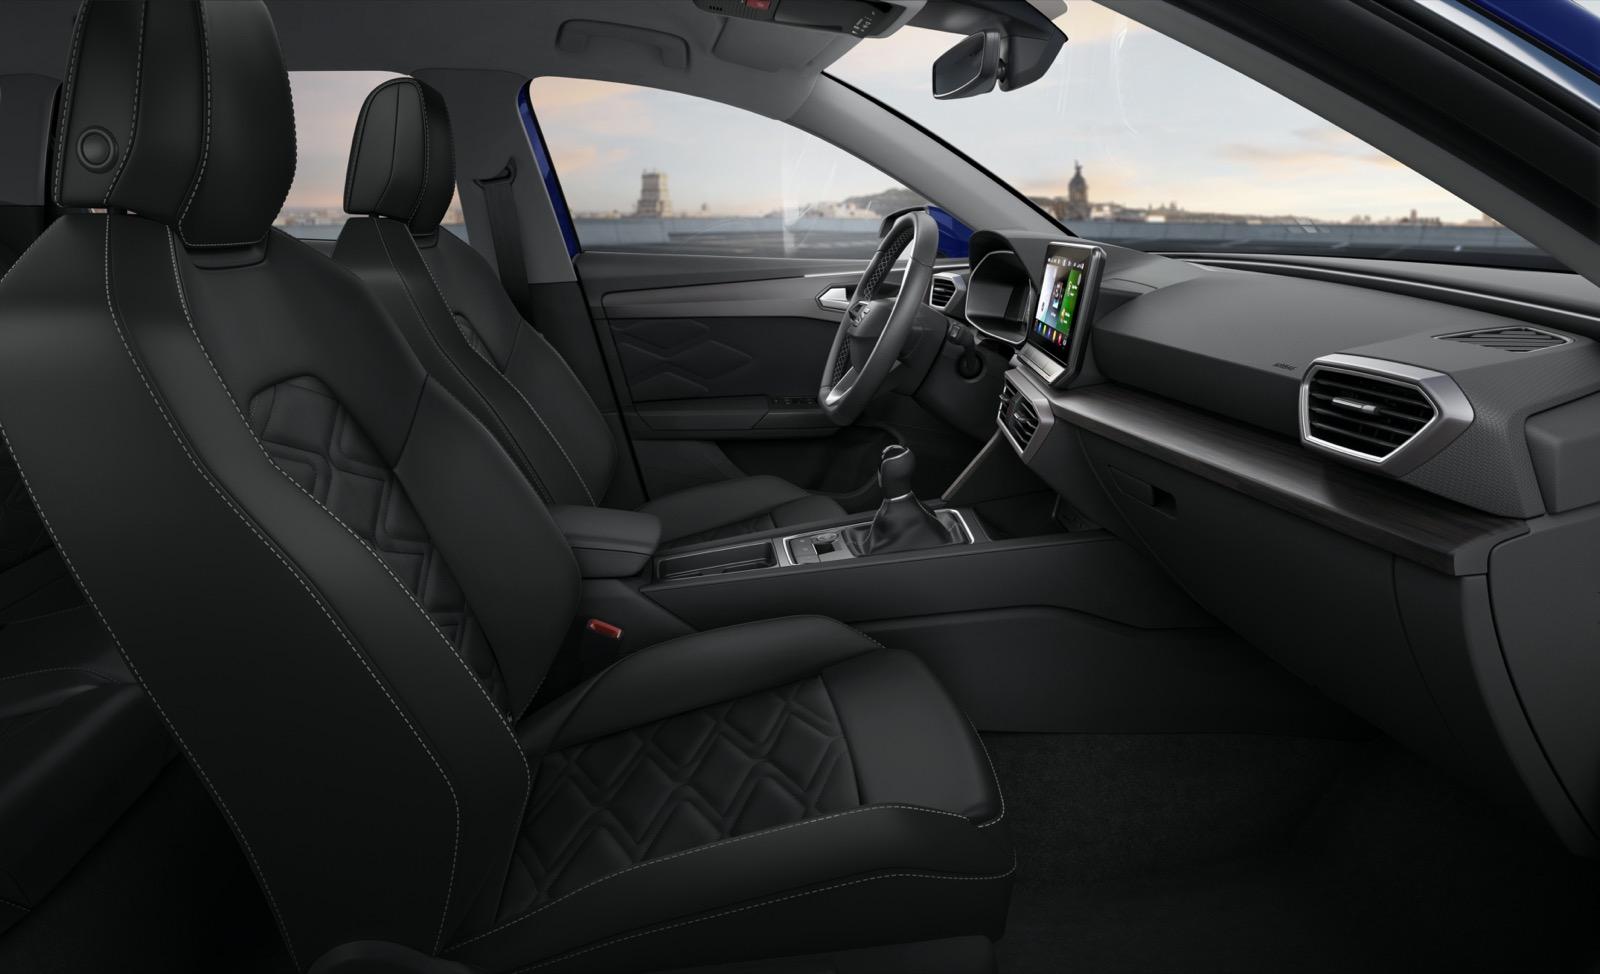 Officiell: Här är nya Seat Leon –nu även som laddhybridkombi